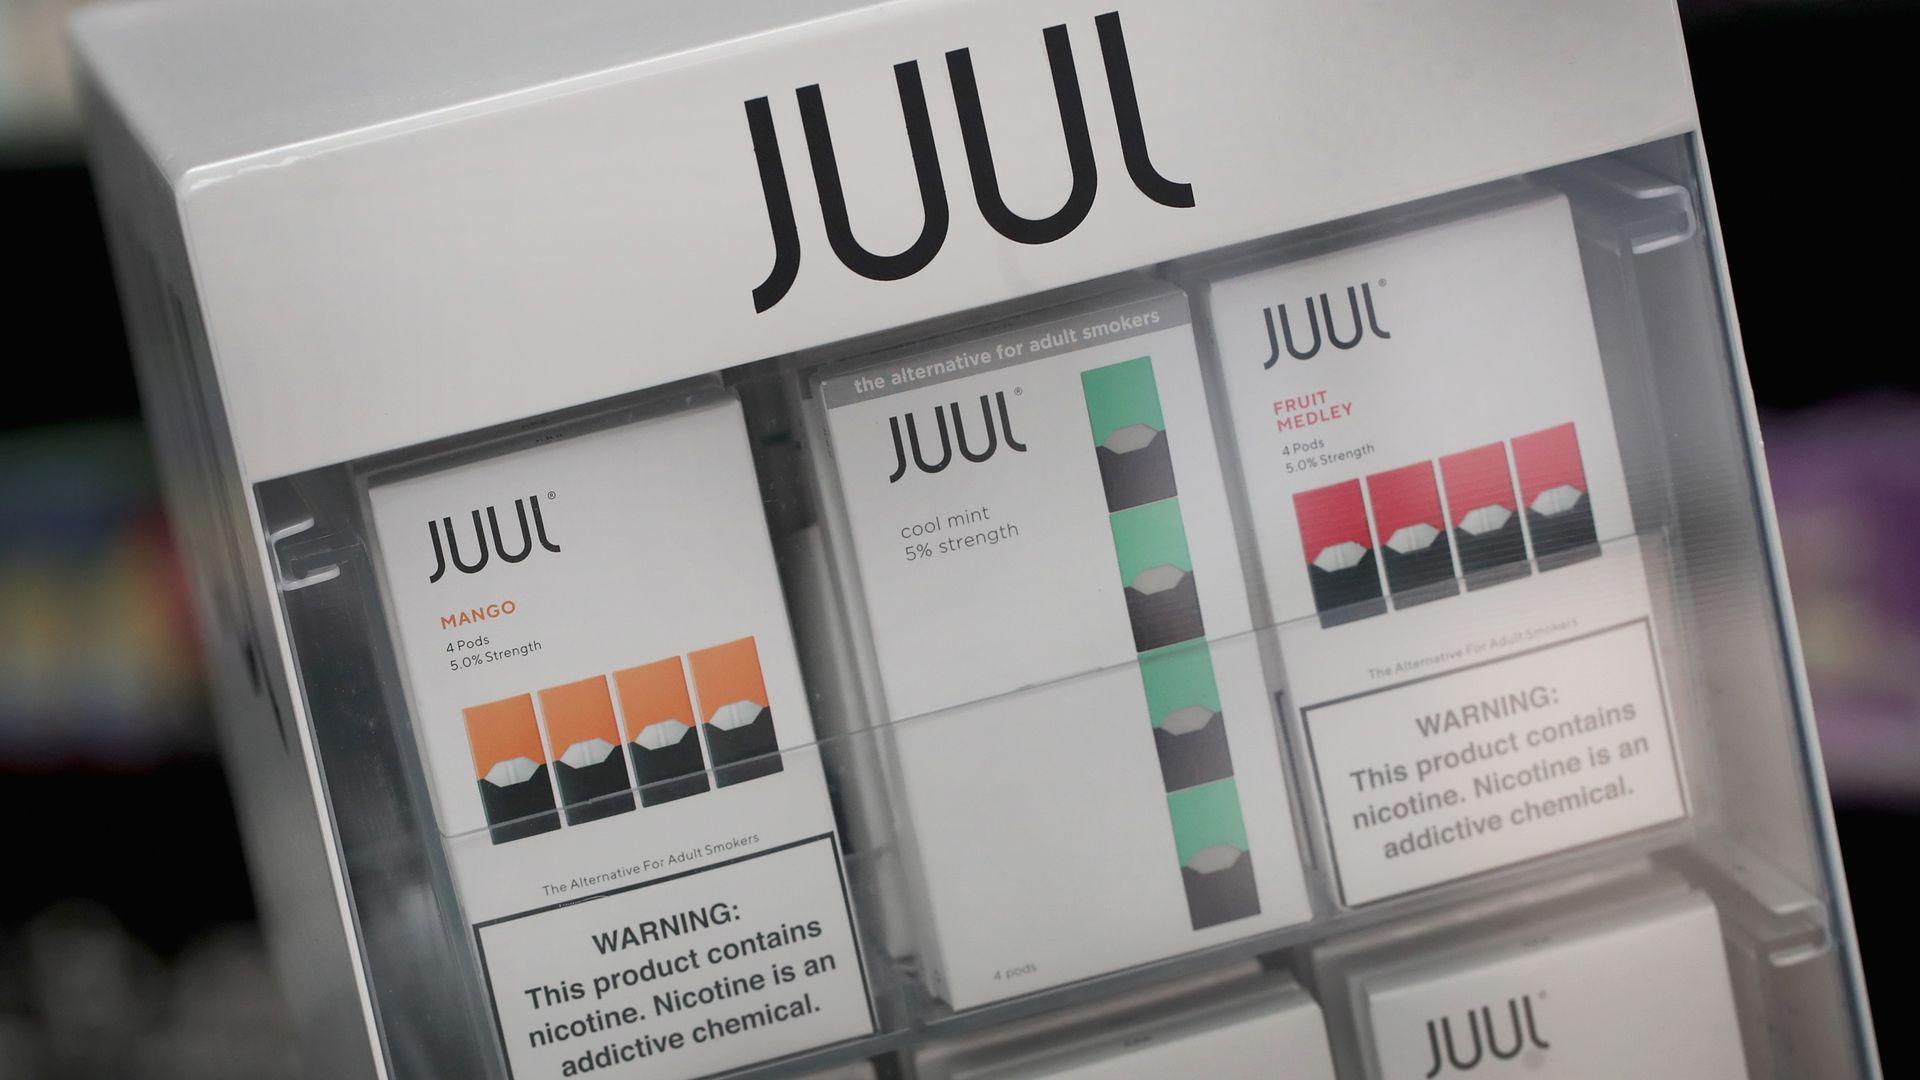 A display of JuUl cartridges.